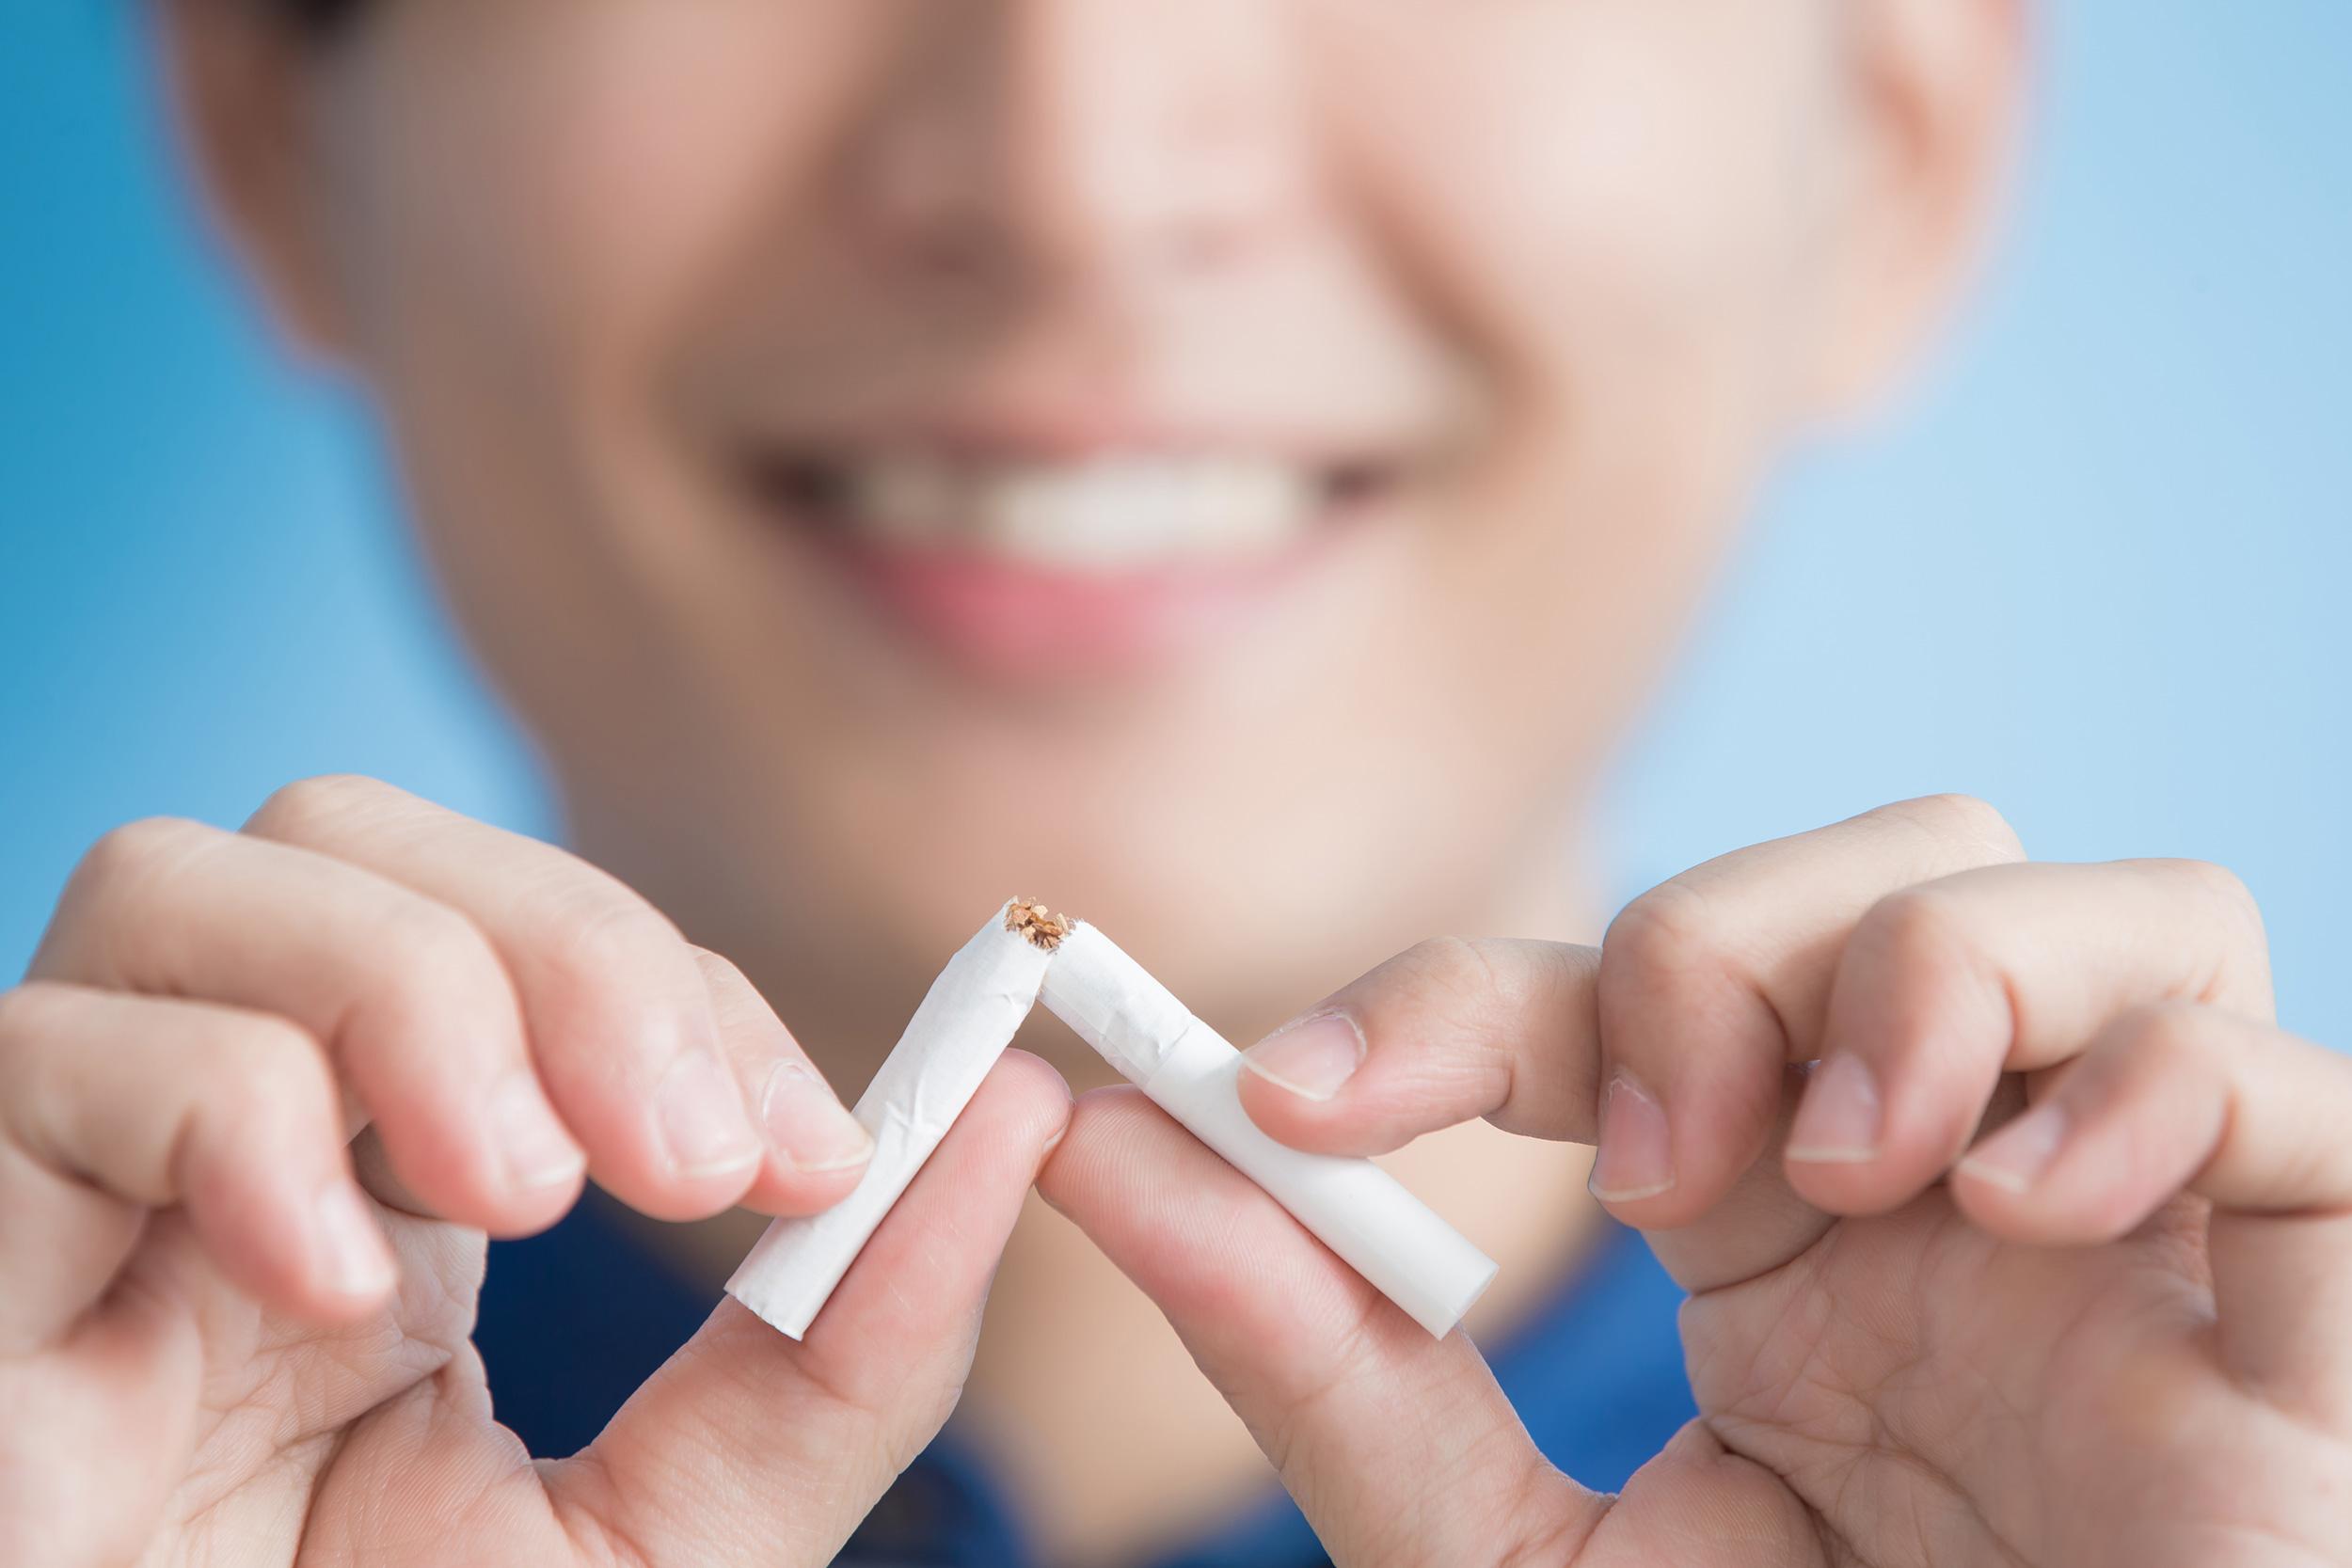 Dem zähne rauchen nach putzen 🎉 Die Sache